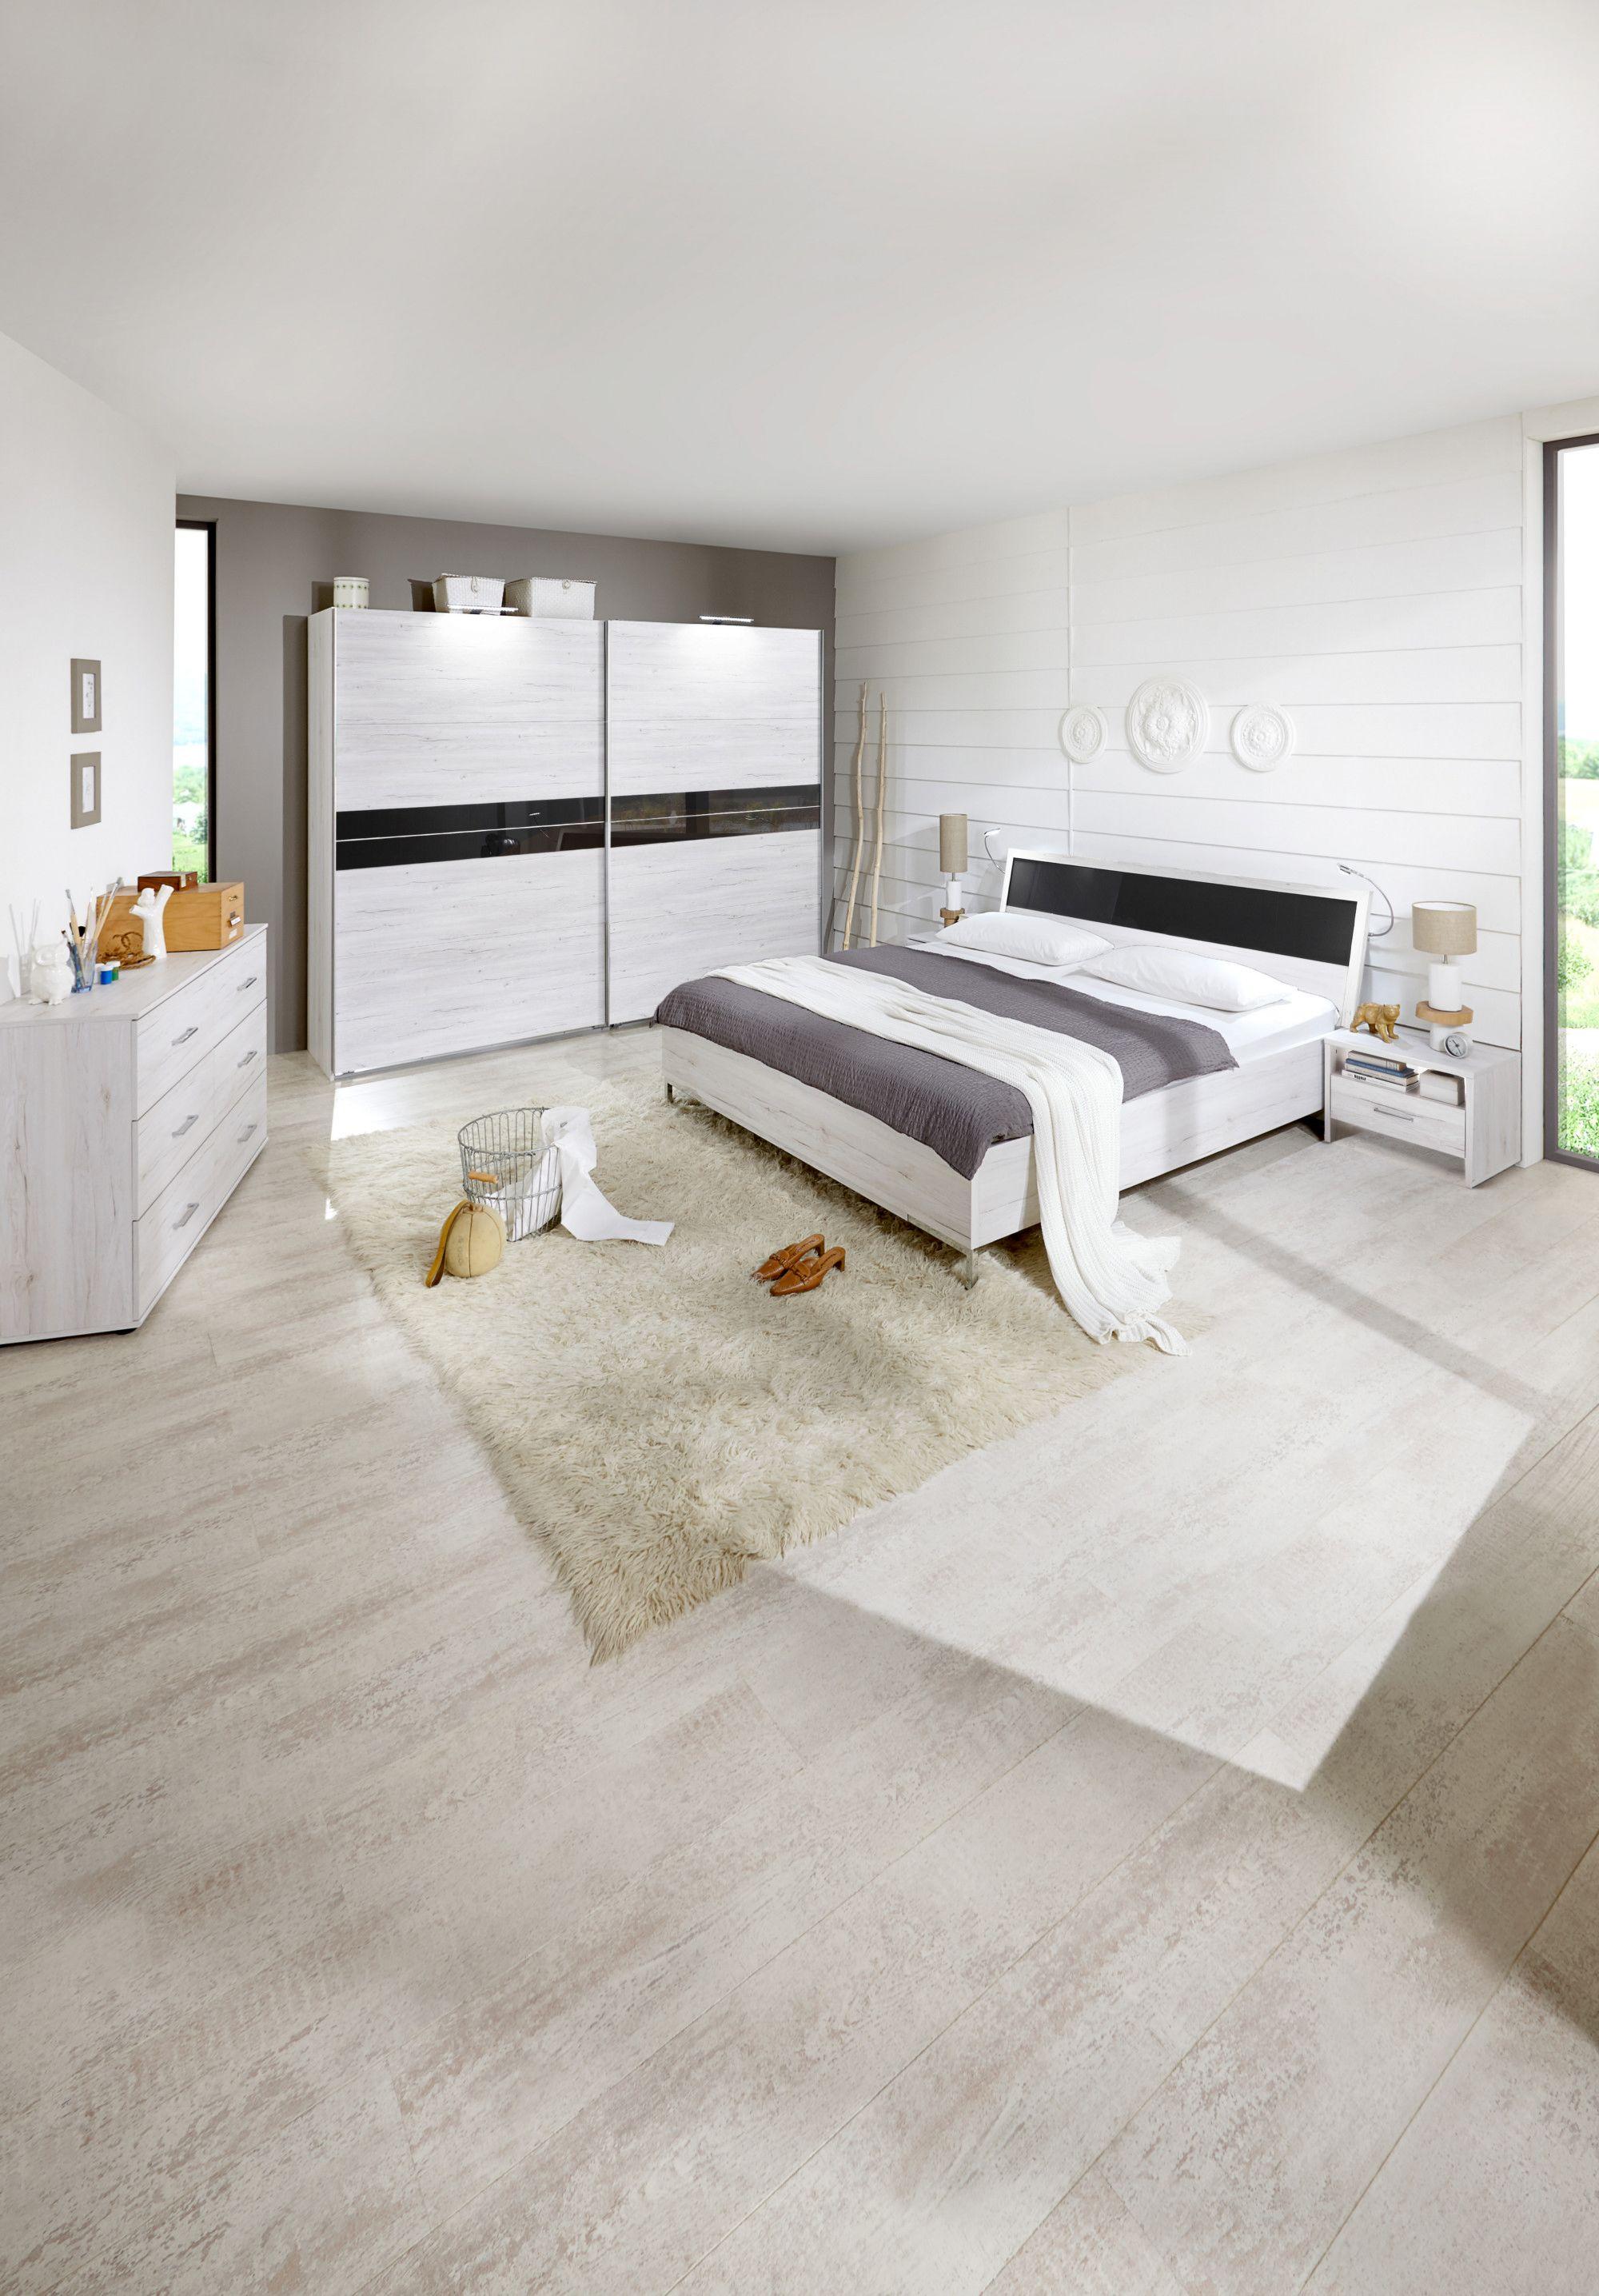 Schlafzimmer Mit Bett 180 X 200 Cm Weisseiche Glas Grau Woody 132